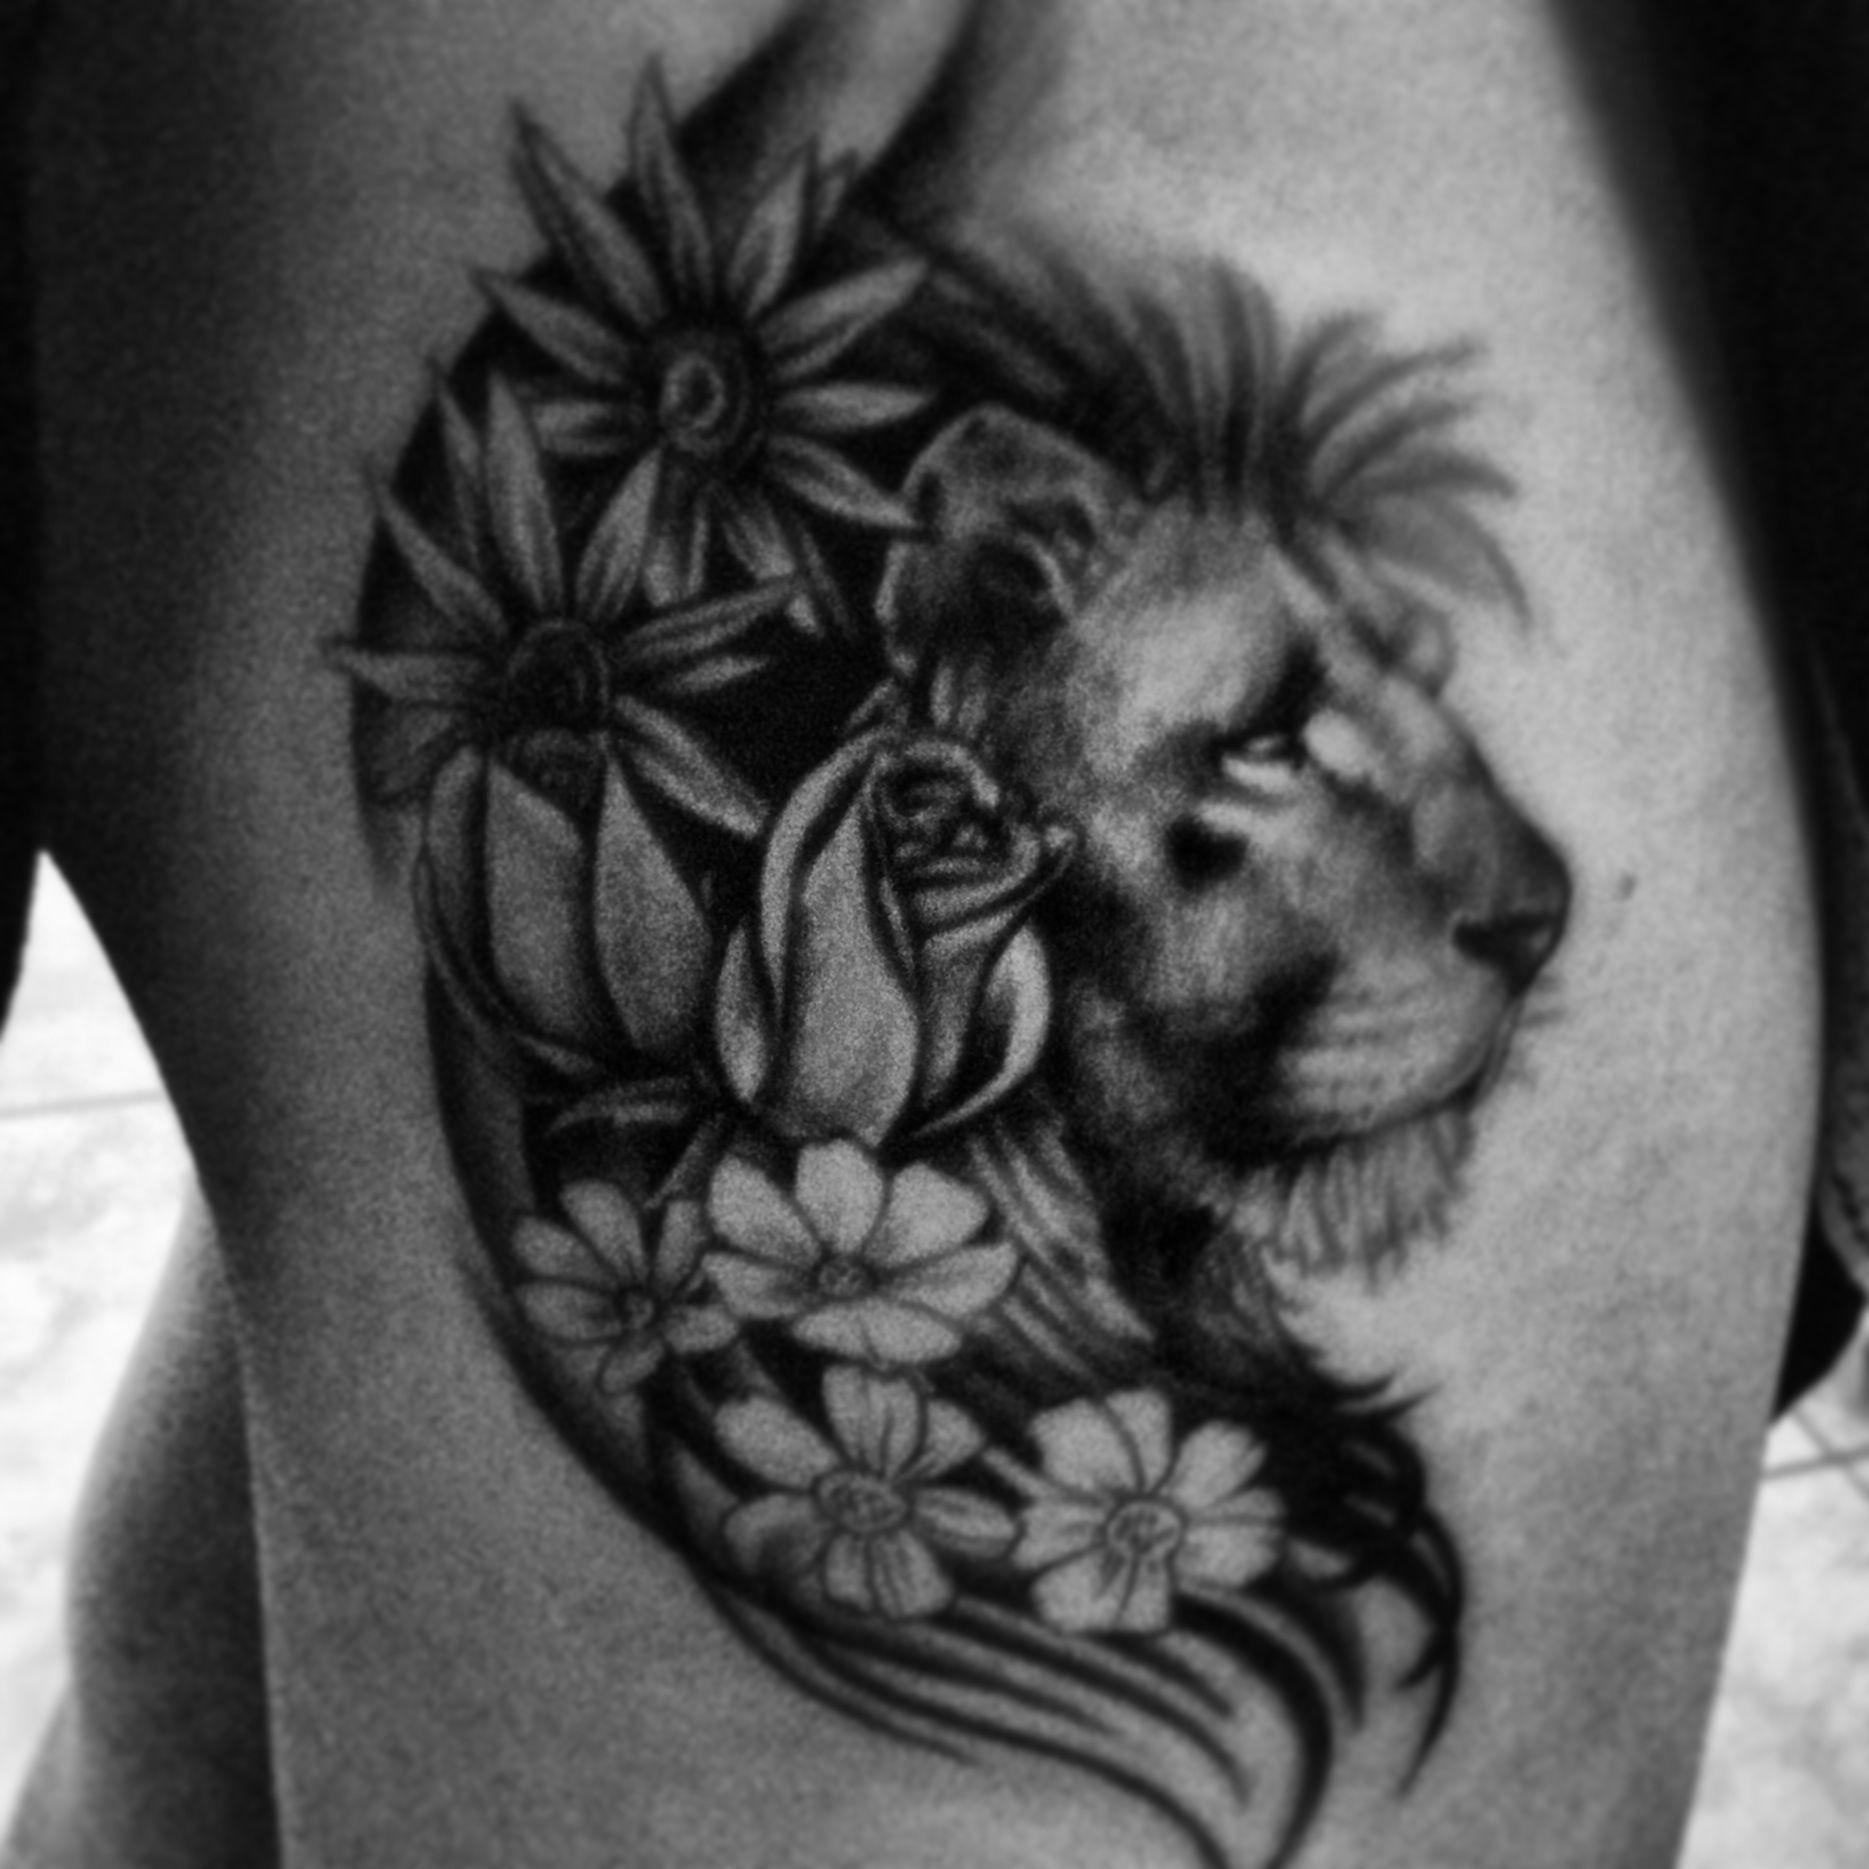 Lion Tattoo Ideas Lion Tattoo With Flowers Tattoos Lamb Tattoo